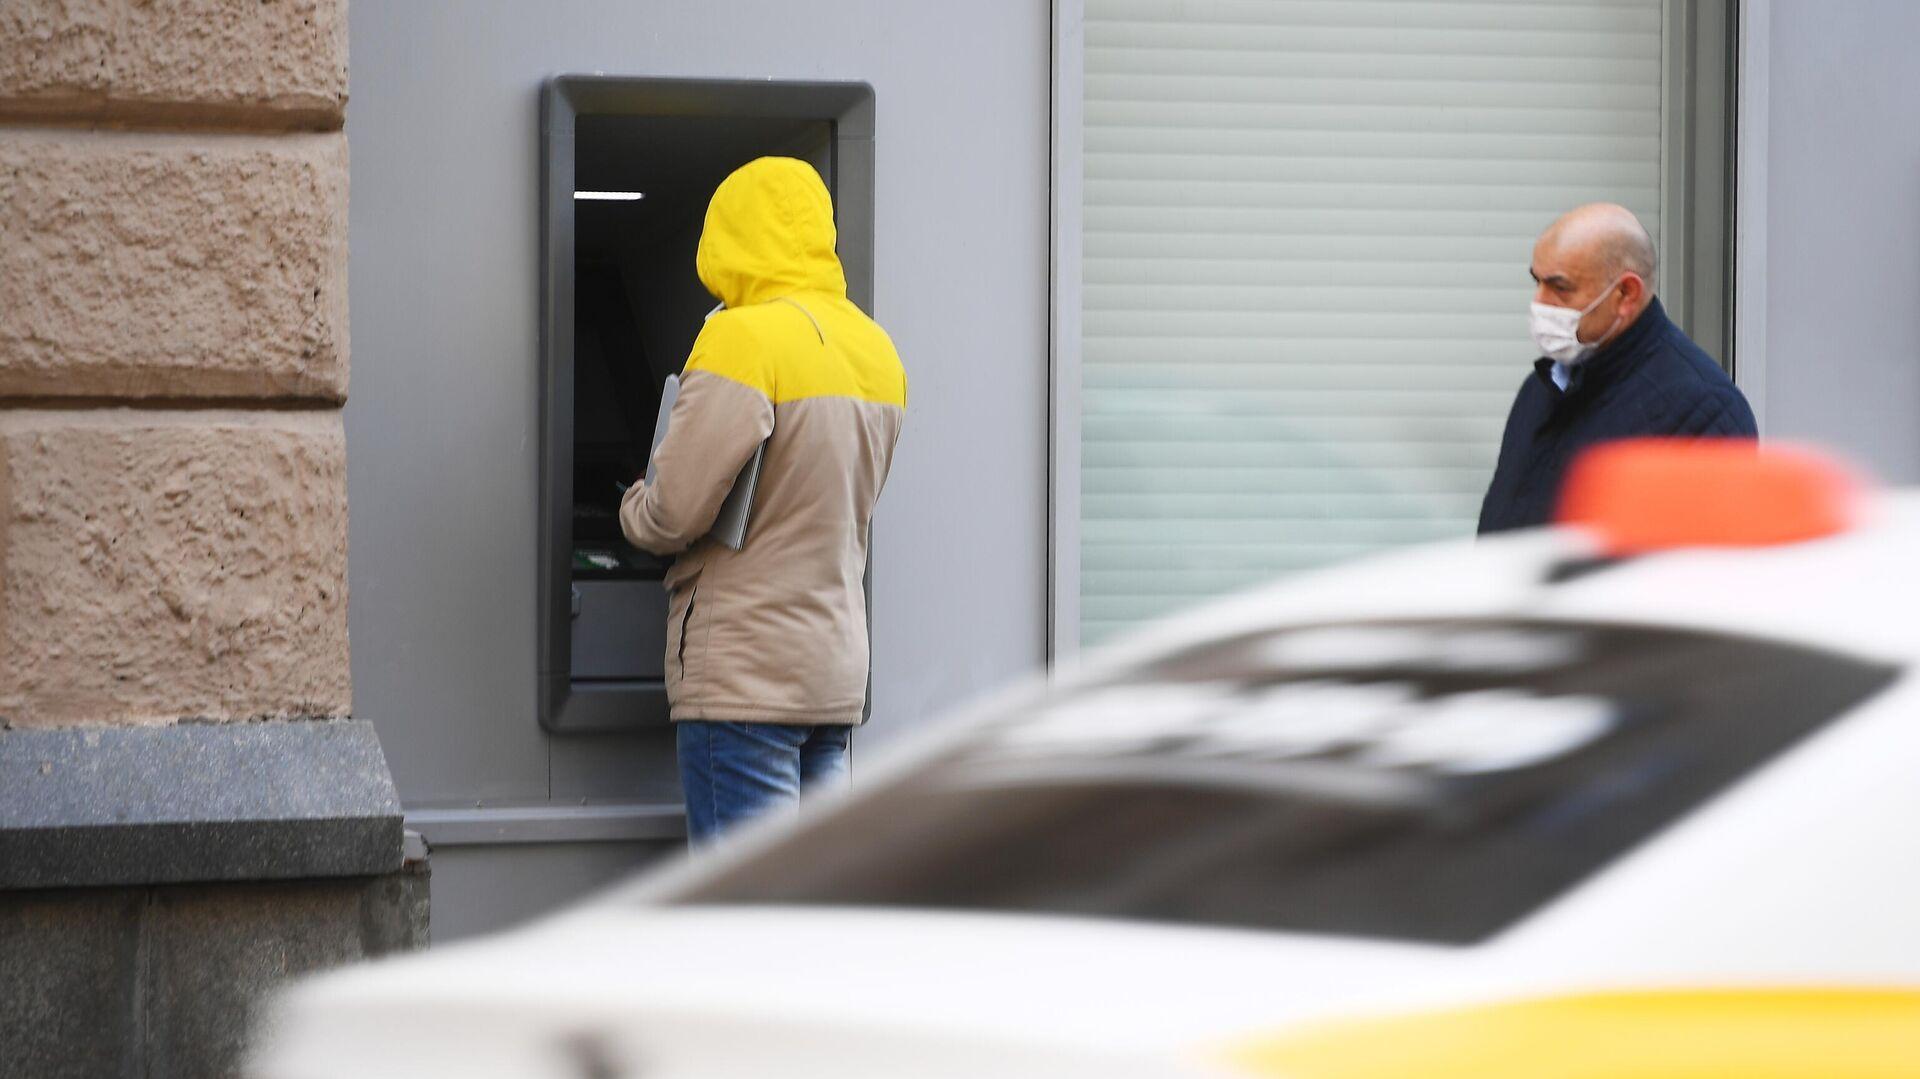 Мужчина у банкомата и прохожий в защитной маске - РИА Новости, 1920, 31.03.2021